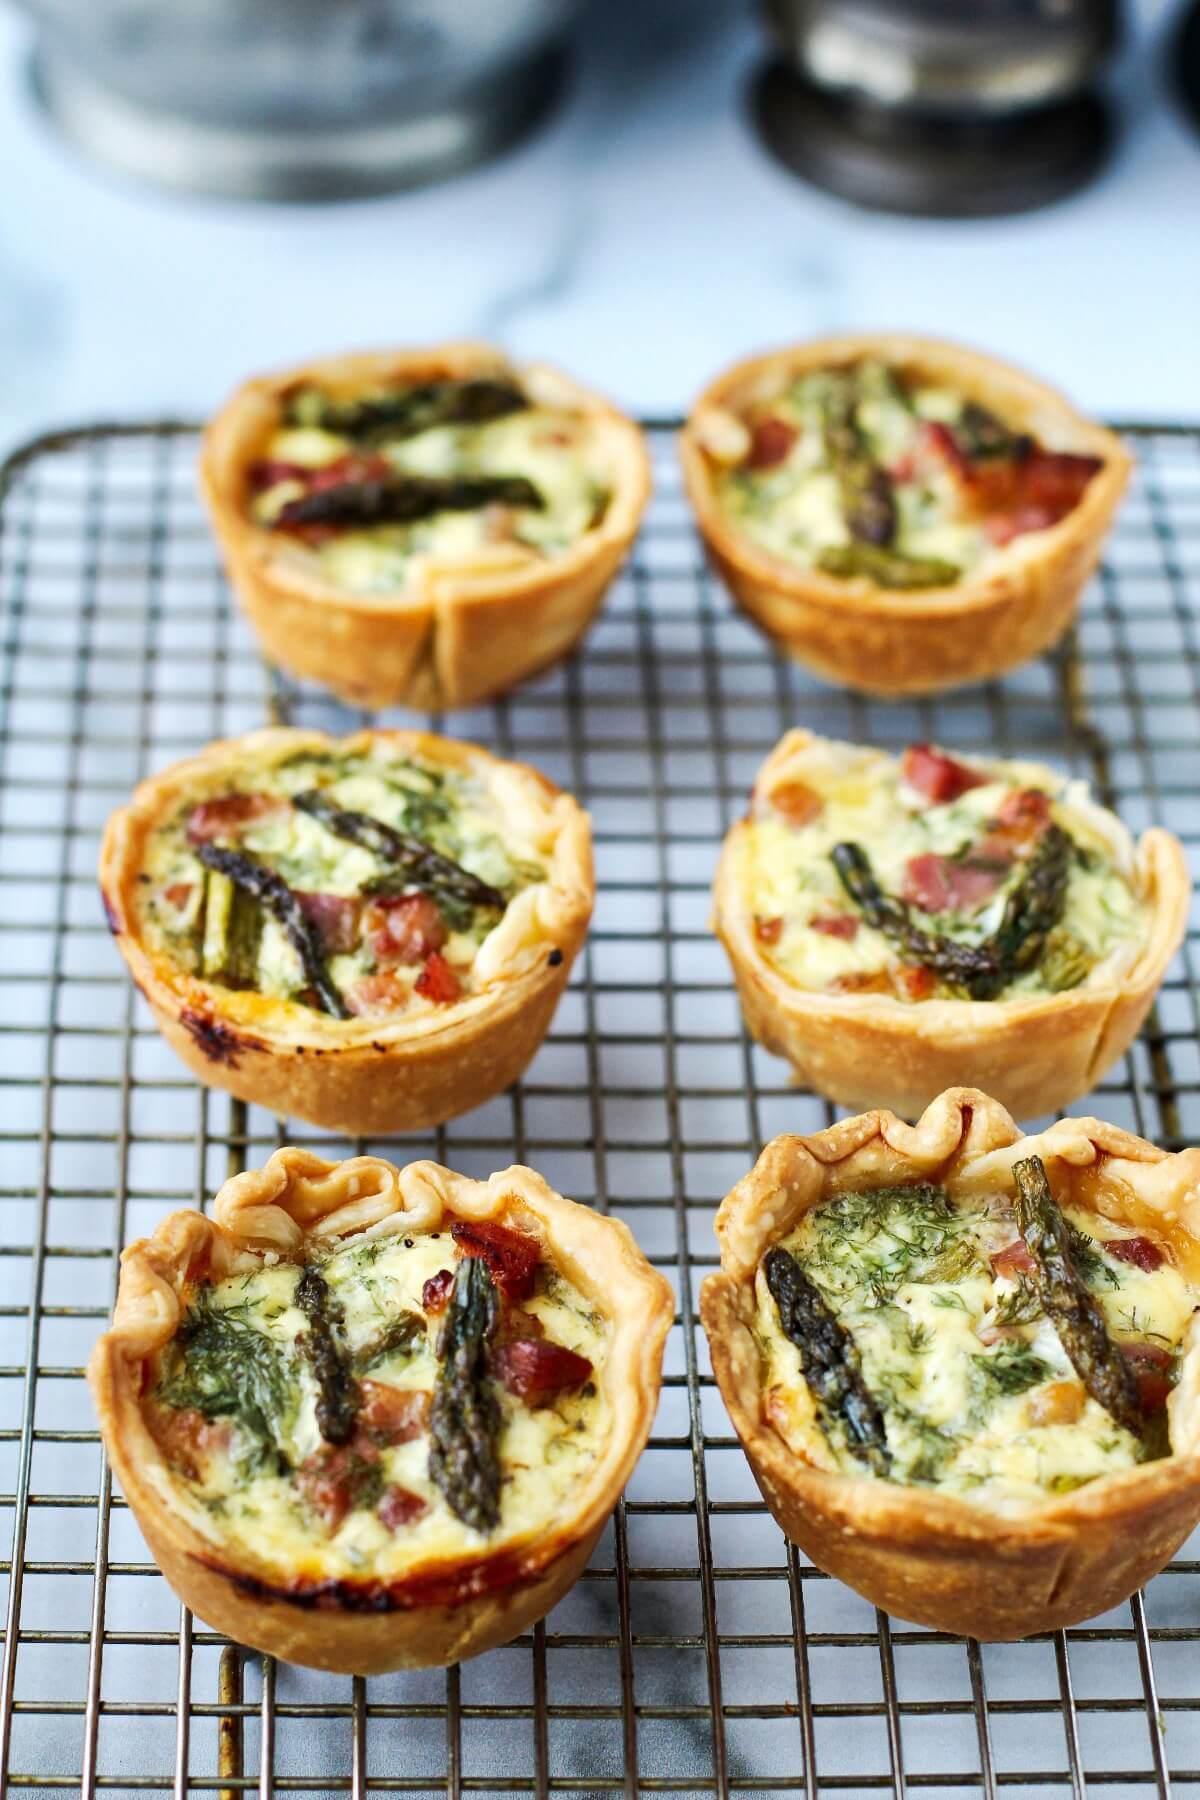 Pancetta and asparagus tarts